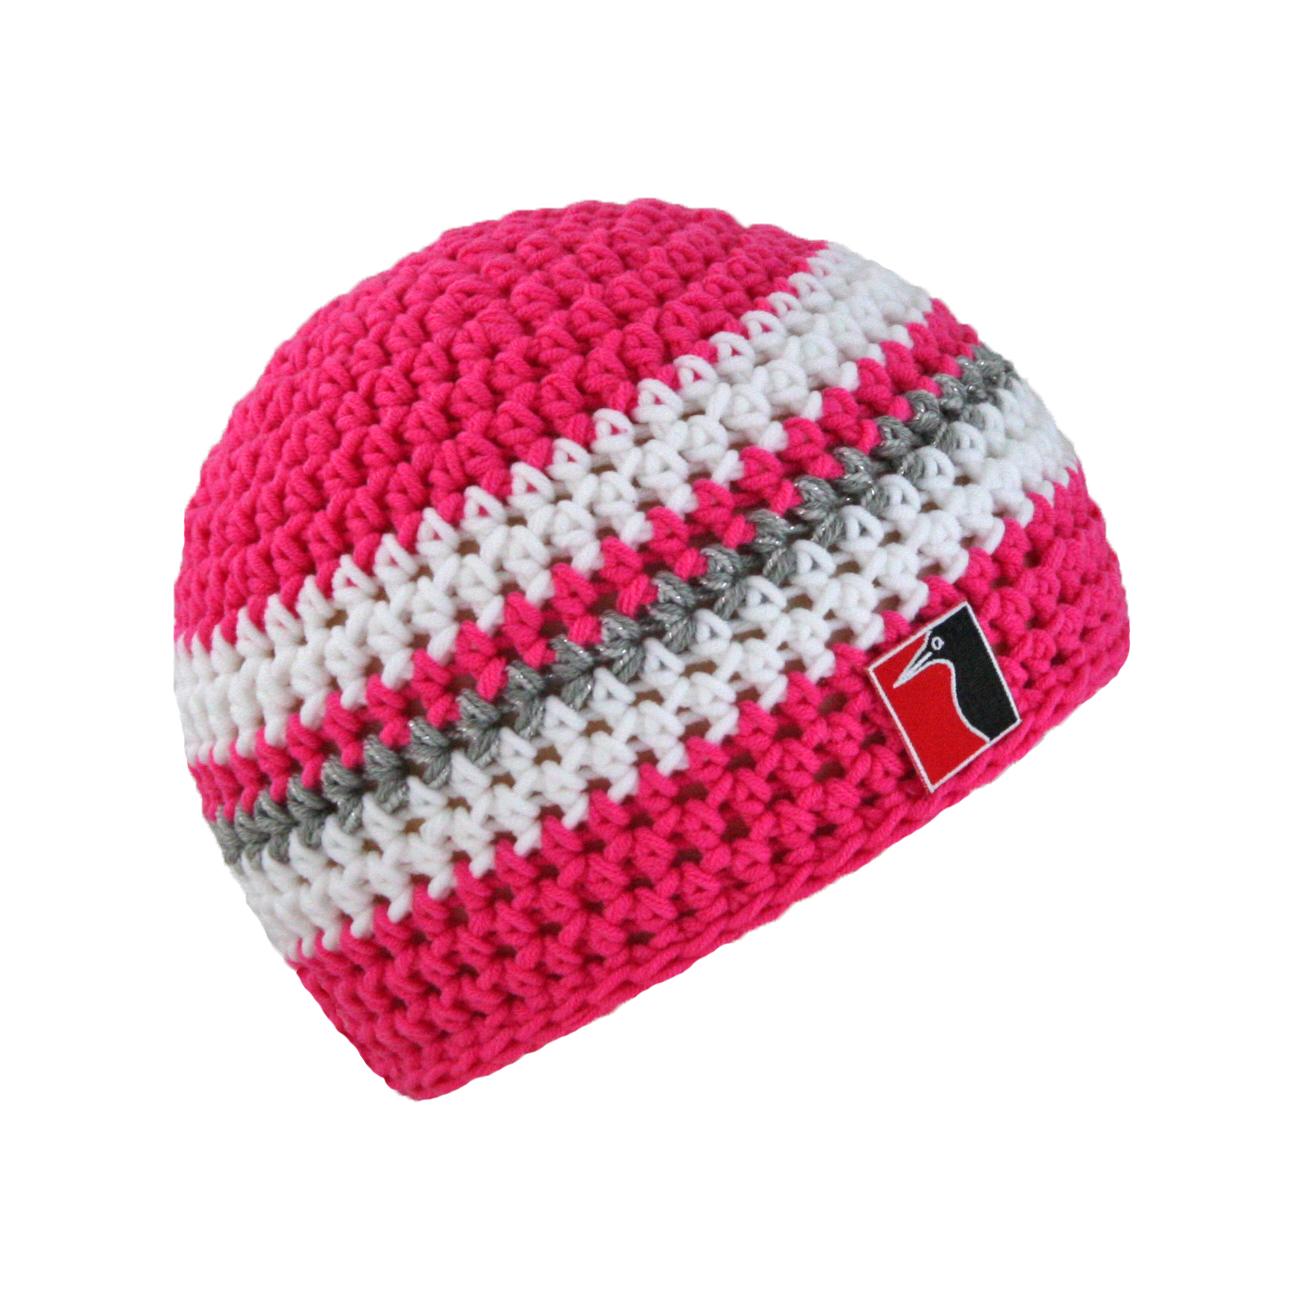 gehäkelte Sommermütze pink Streifen weiss grau